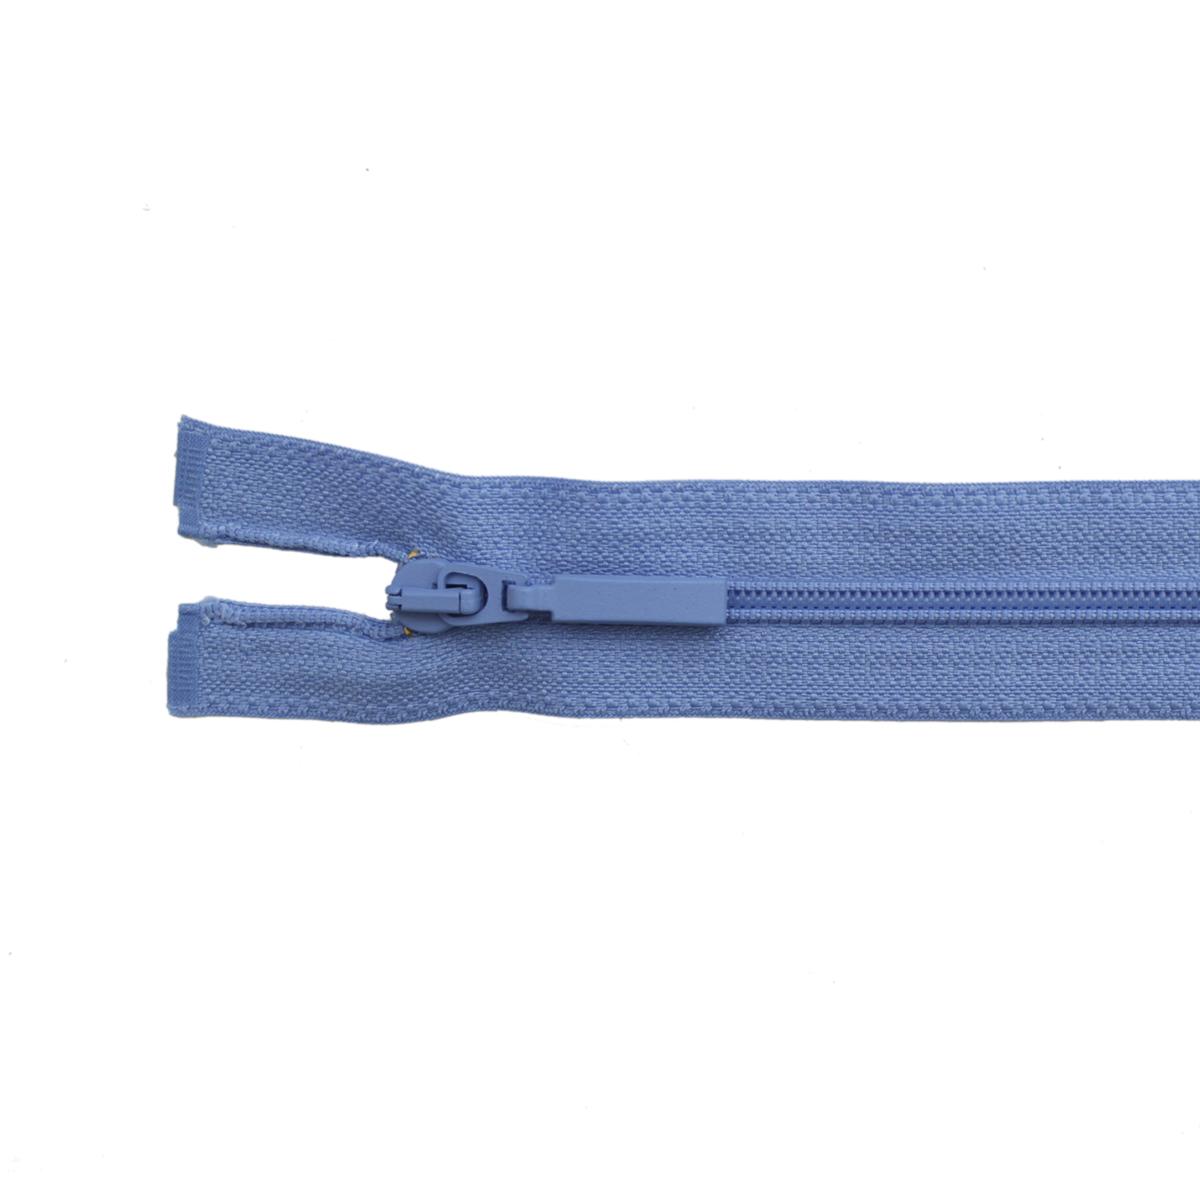 Застежка-молния витая Arta-F, цвет: голубой (260), 75 см25375-260Продукция ARTA-F сертифицирована на Российский, Британский и Латвийский стандарт. Фурнитура ARTA-F изготавливается из европейских материалов, на современном оборудовании, в соответствии с высокими требованиями стандартов. Вся продукция фабрики проходит тесты на качество.Звено застежки-молнии Экстра имеет боковые приливы, которые исключают контакт замка с текстильной лентой, а сокращенный до минимума зазор между замком и приливами звена предохраняет от возможности попадания в замок подкладки, меха, нитей. В то же время эти меры повышают прочность застежки при высоких нагрузках, особенно на изгиб. Применение таких приливов на молниях ARTA-F не только повышает эксплуатационные качества застежки, но и увеличивает прочность крепления звена к ленте, и продлевает срок службы застежек-молний ARTA-F. Такая застежка-молния безопасна, легка в использовании и не повредит одежду.